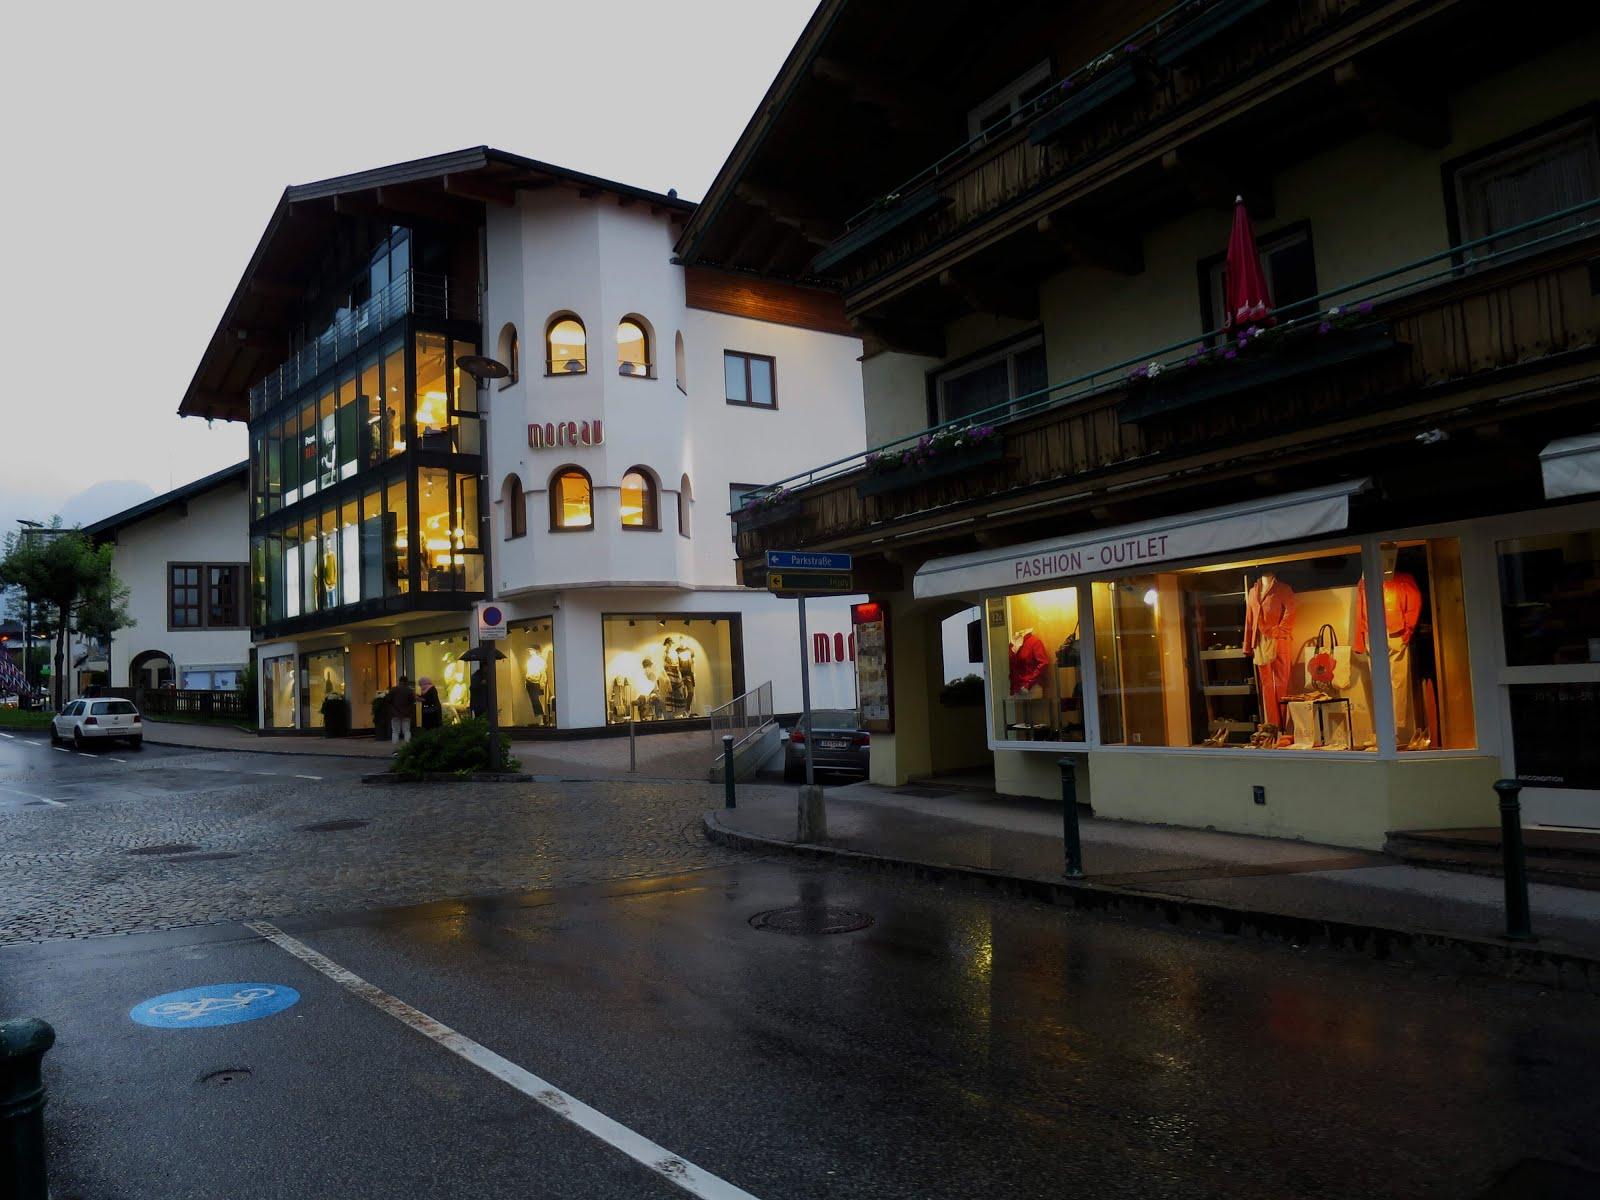 kaprun town centre